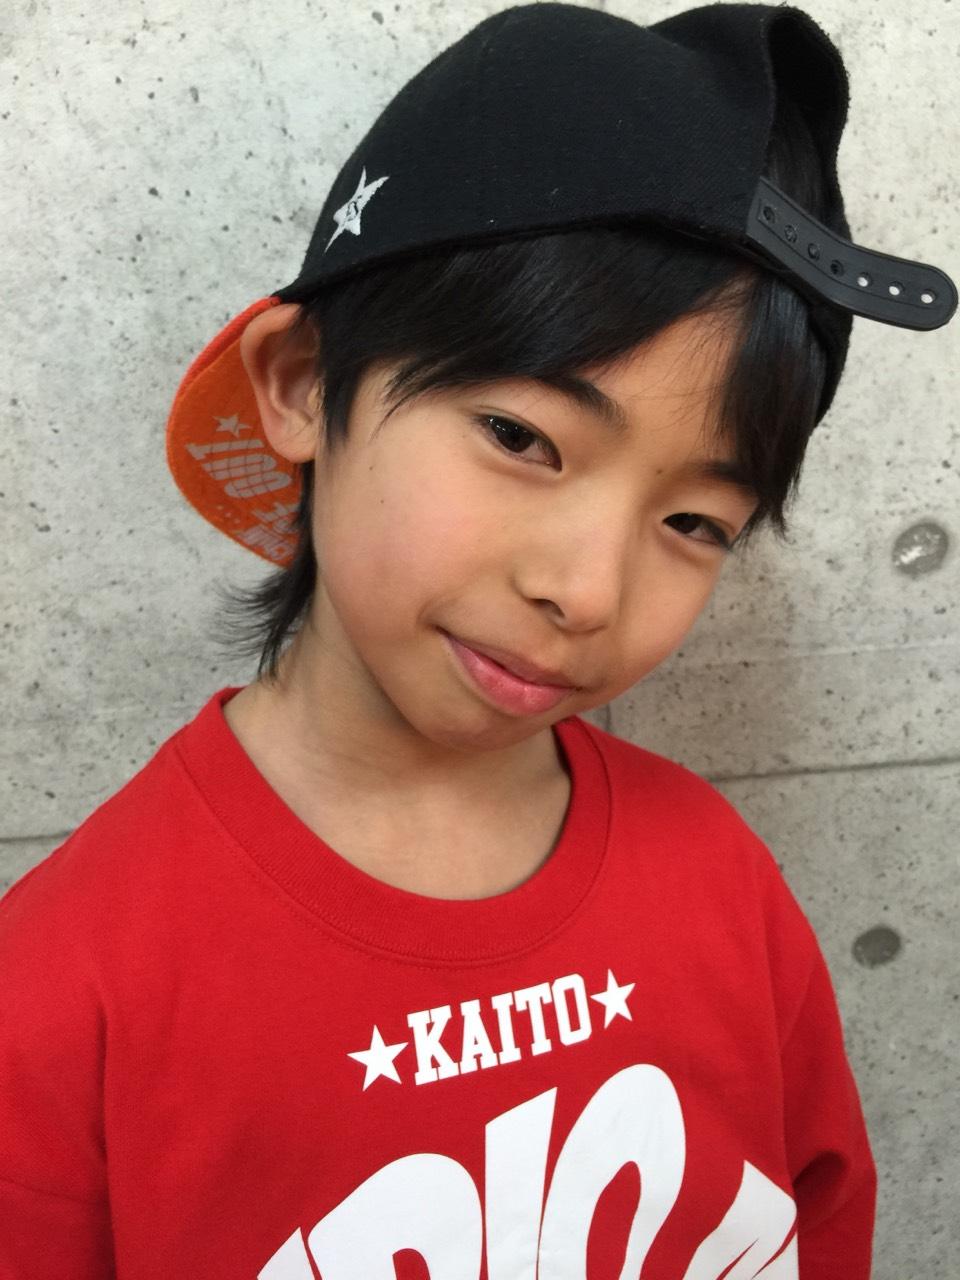 kaito-1